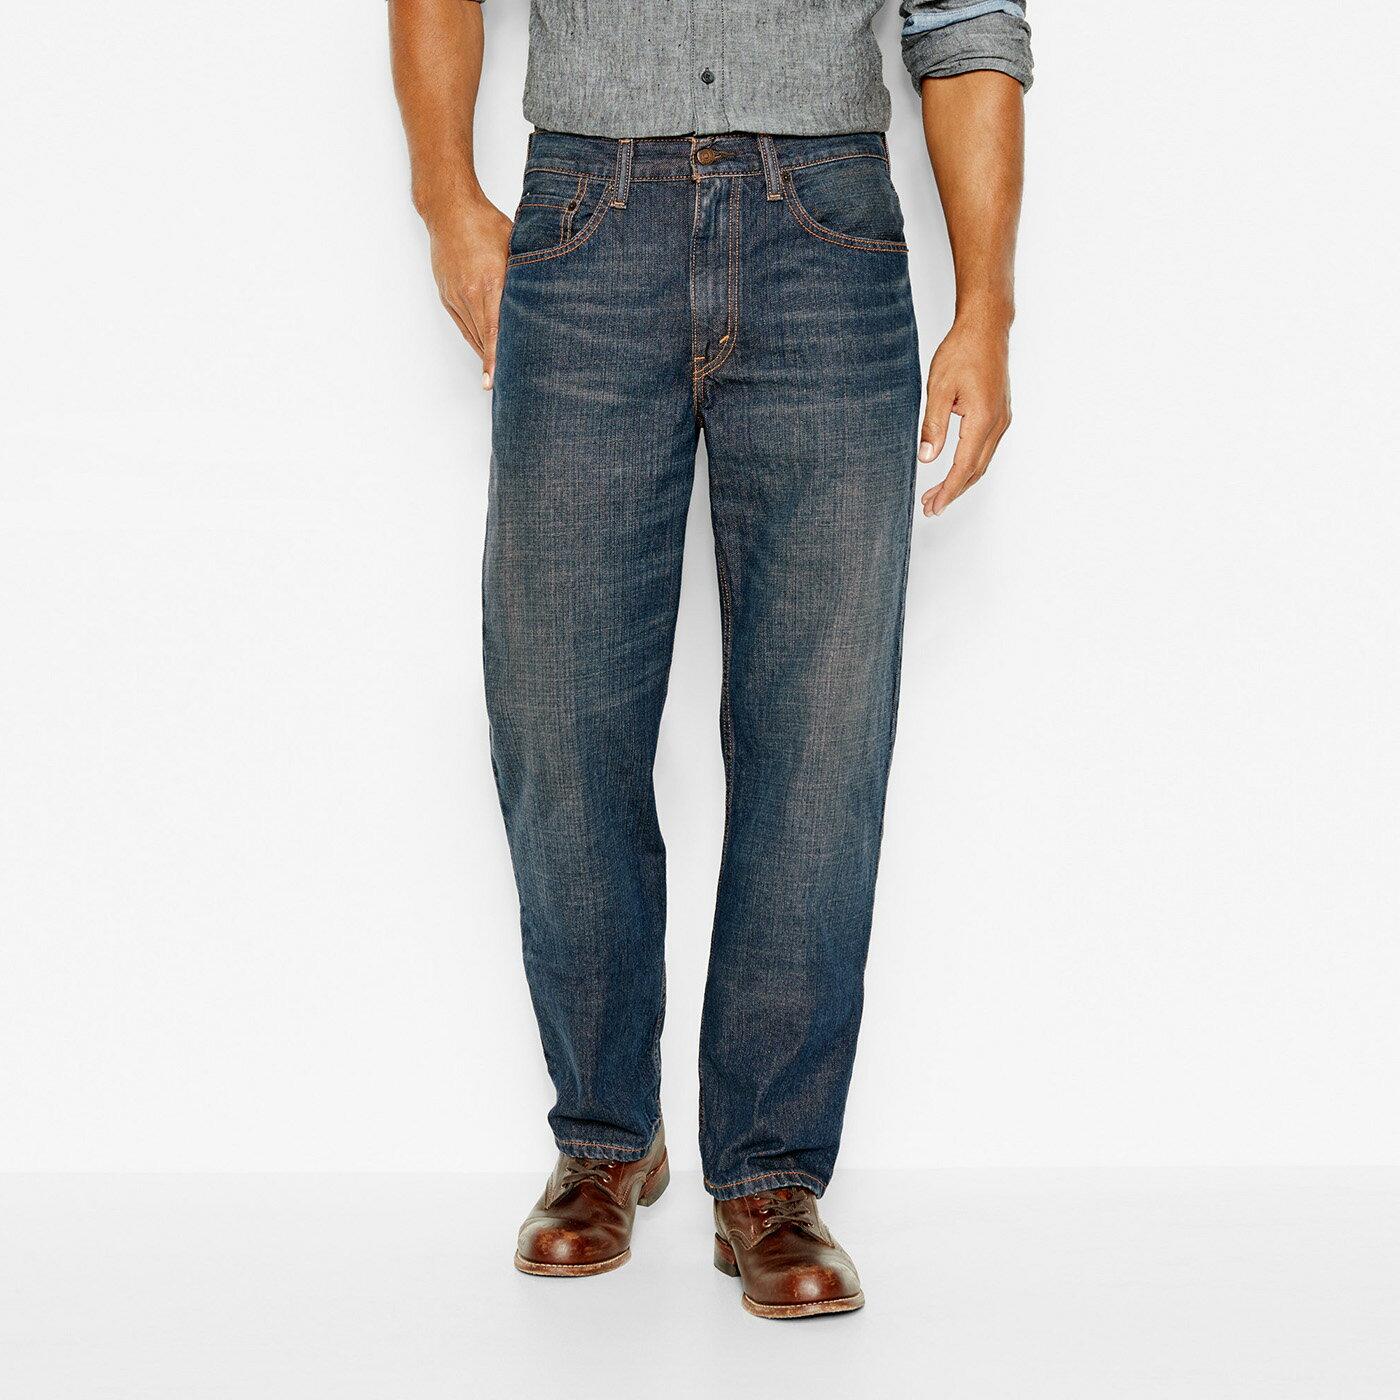 美國百分百【Levis 550】RELAXED FIT 牛仔褲 寬筒 寬鬆 合身 52腰 洗舊藍 大尺碼 F695